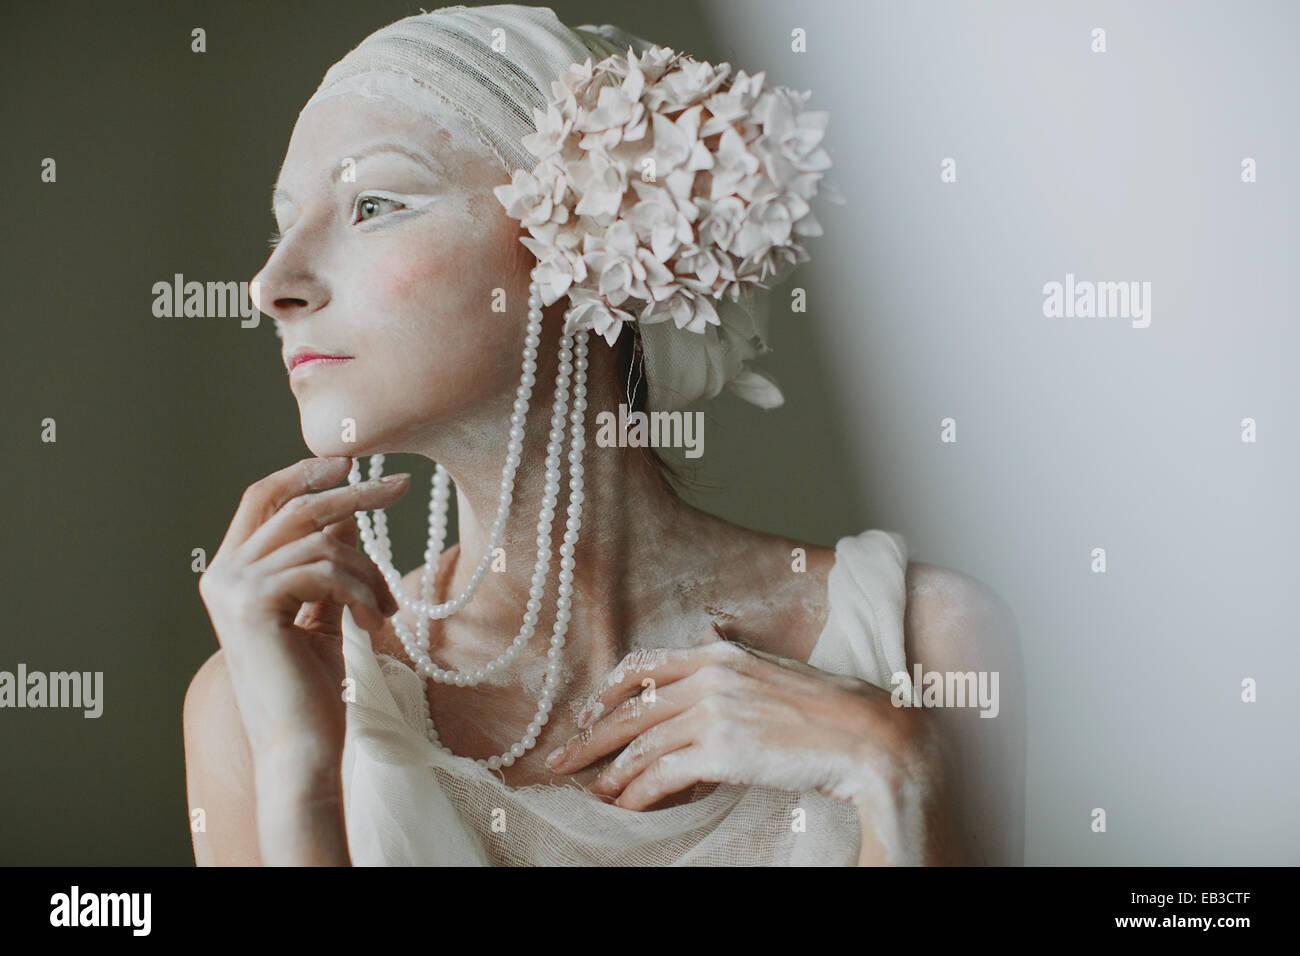 Retrato de joven mujer vistiendo, greasepaint, abalorios y adornos de oreja semejando inflorescencia Foto de stock